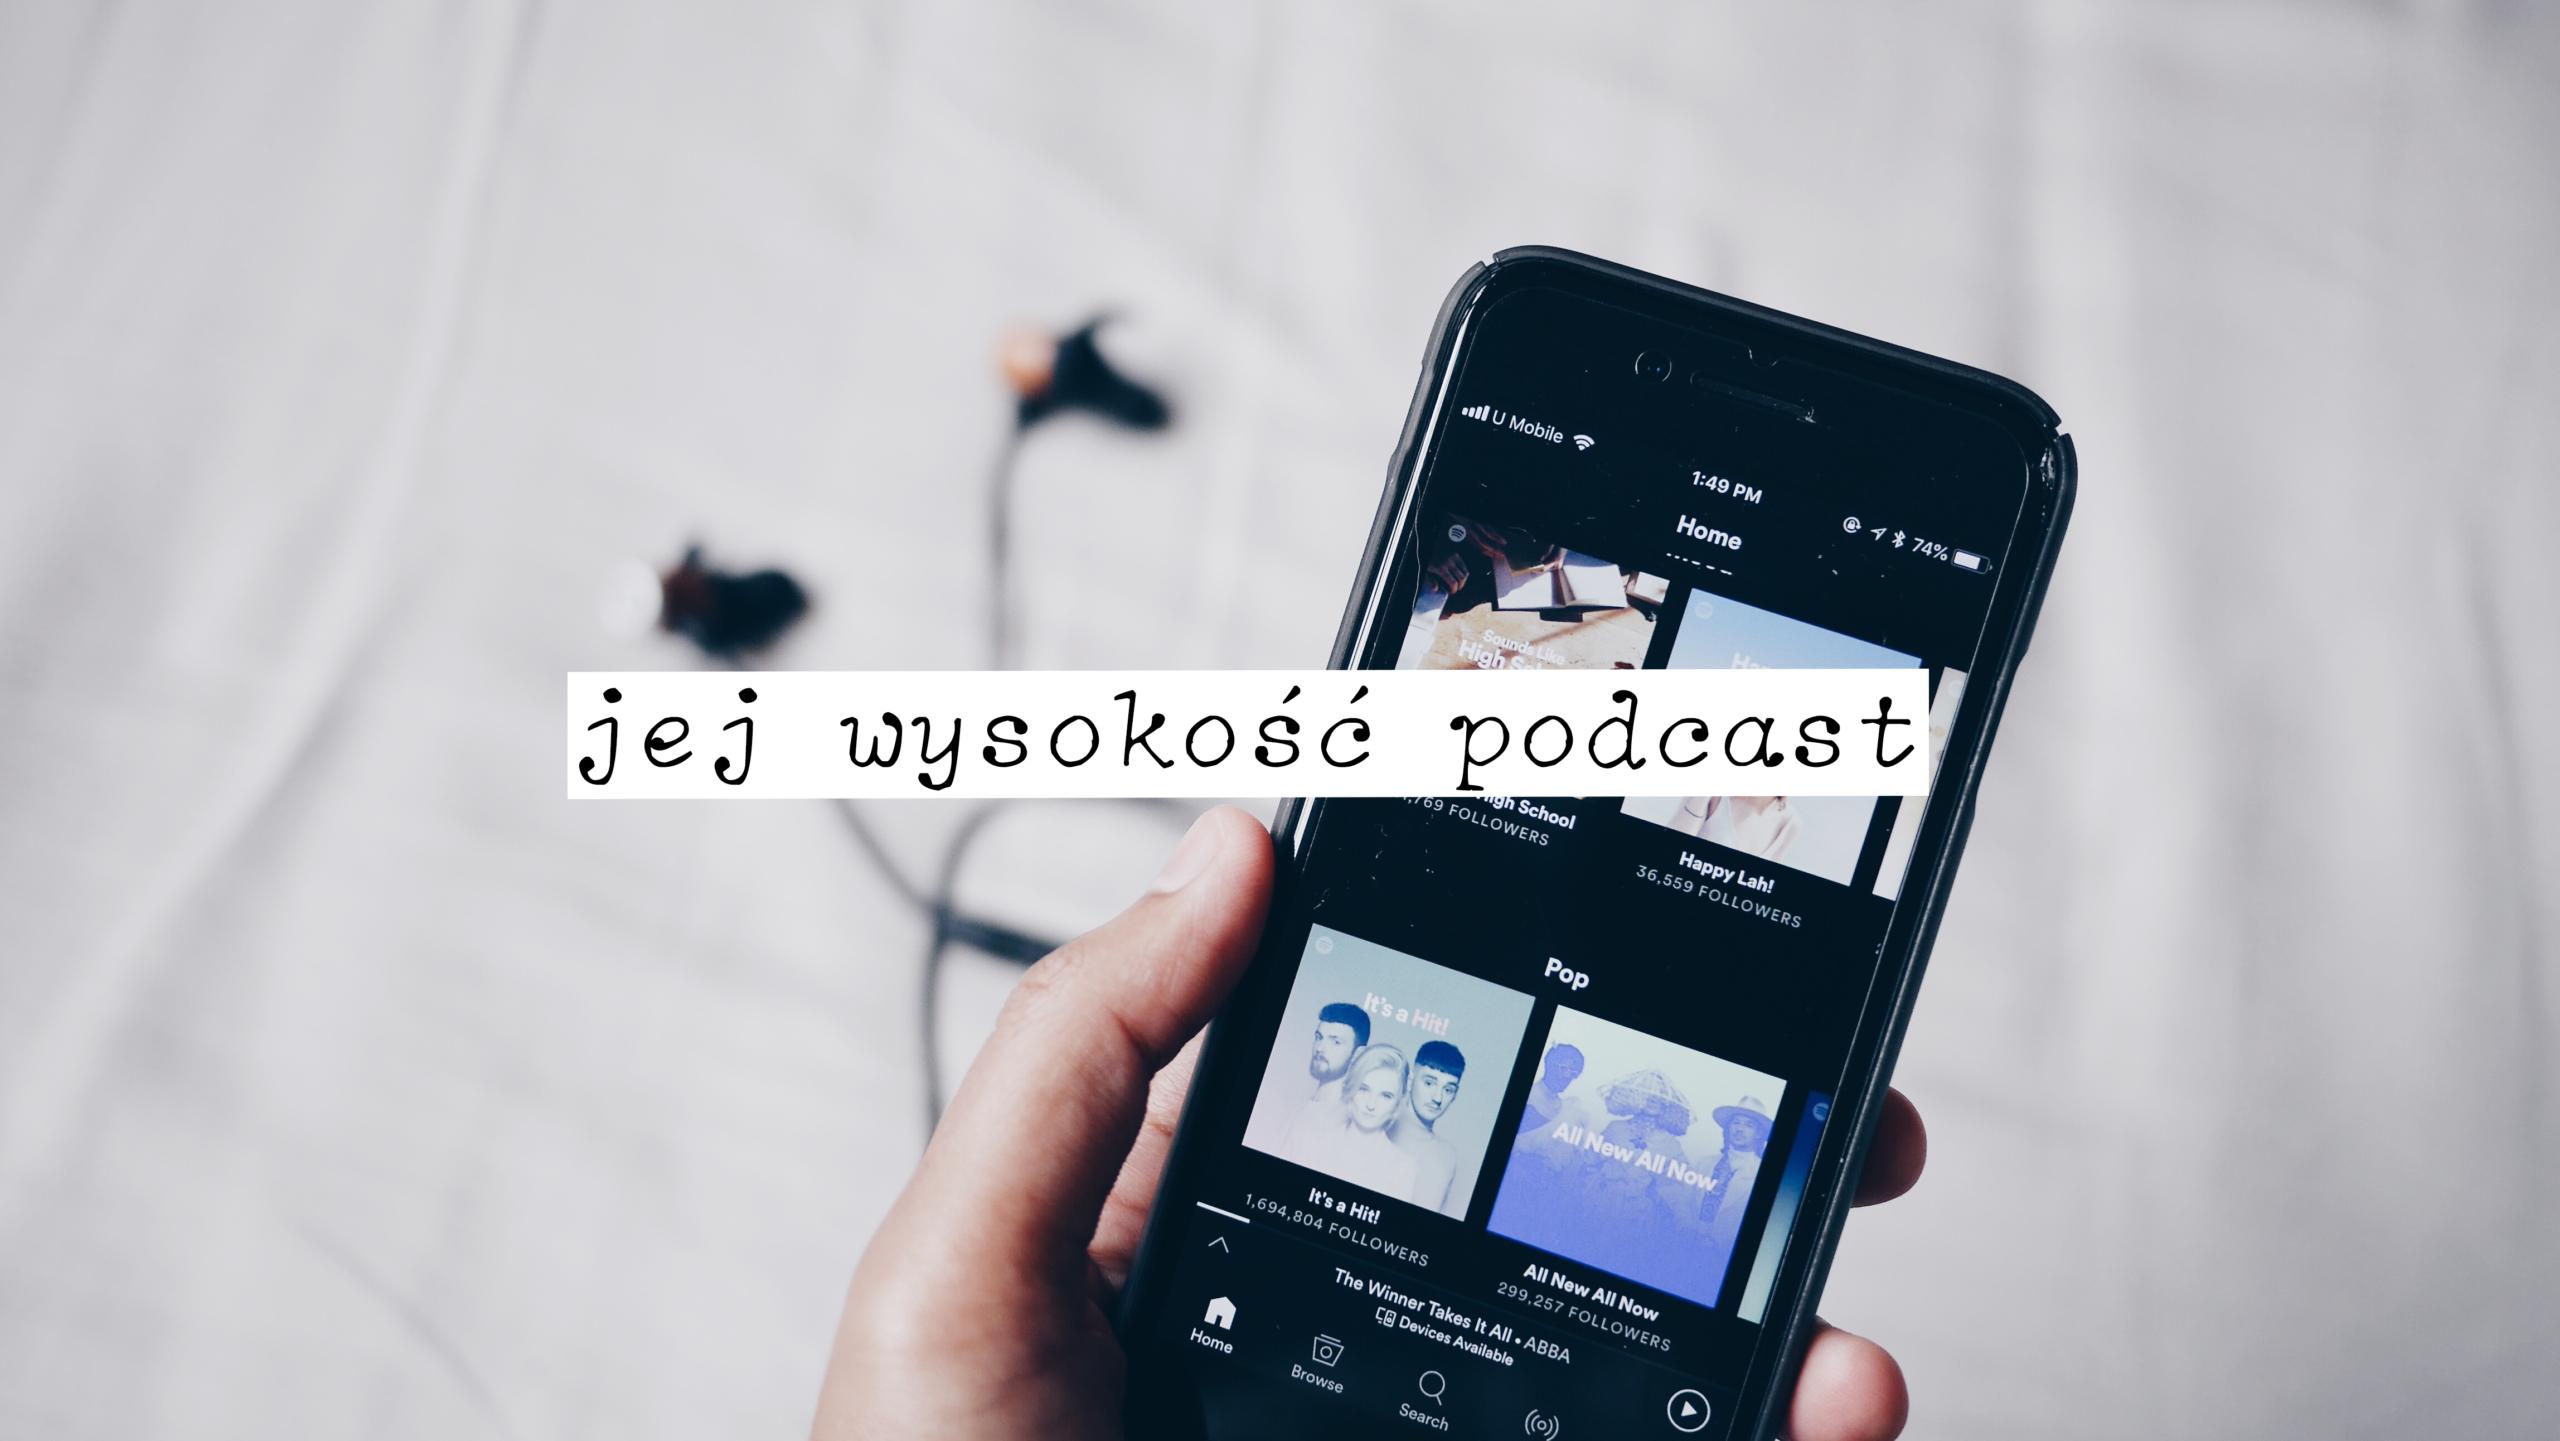 jej-wysokosc-podcast